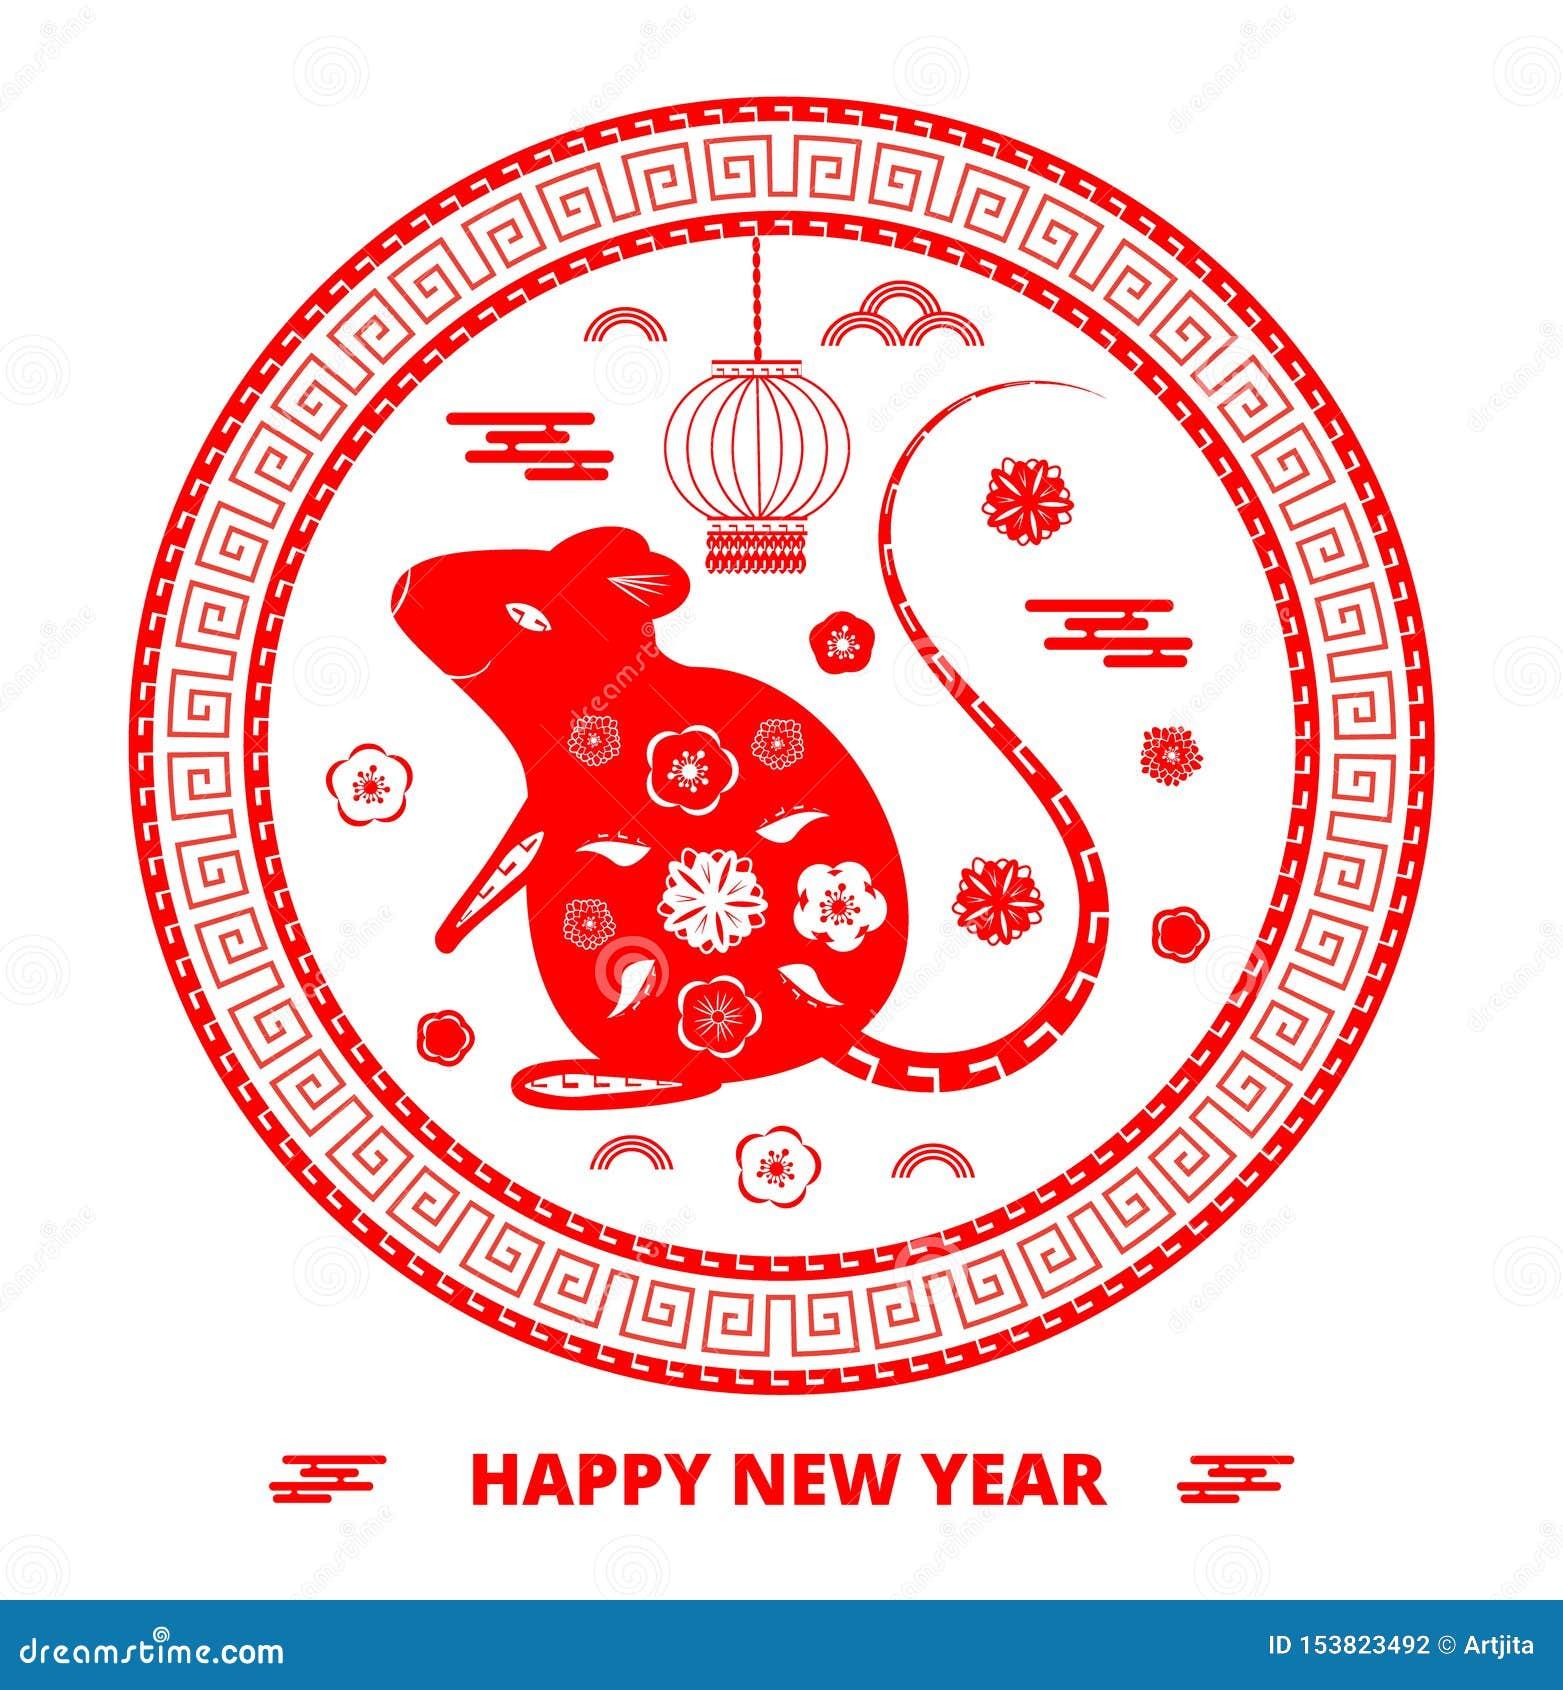 2020 kinesiska nya år som hälsar det runda kortet med rött, tjaller konturn, moln, lykta